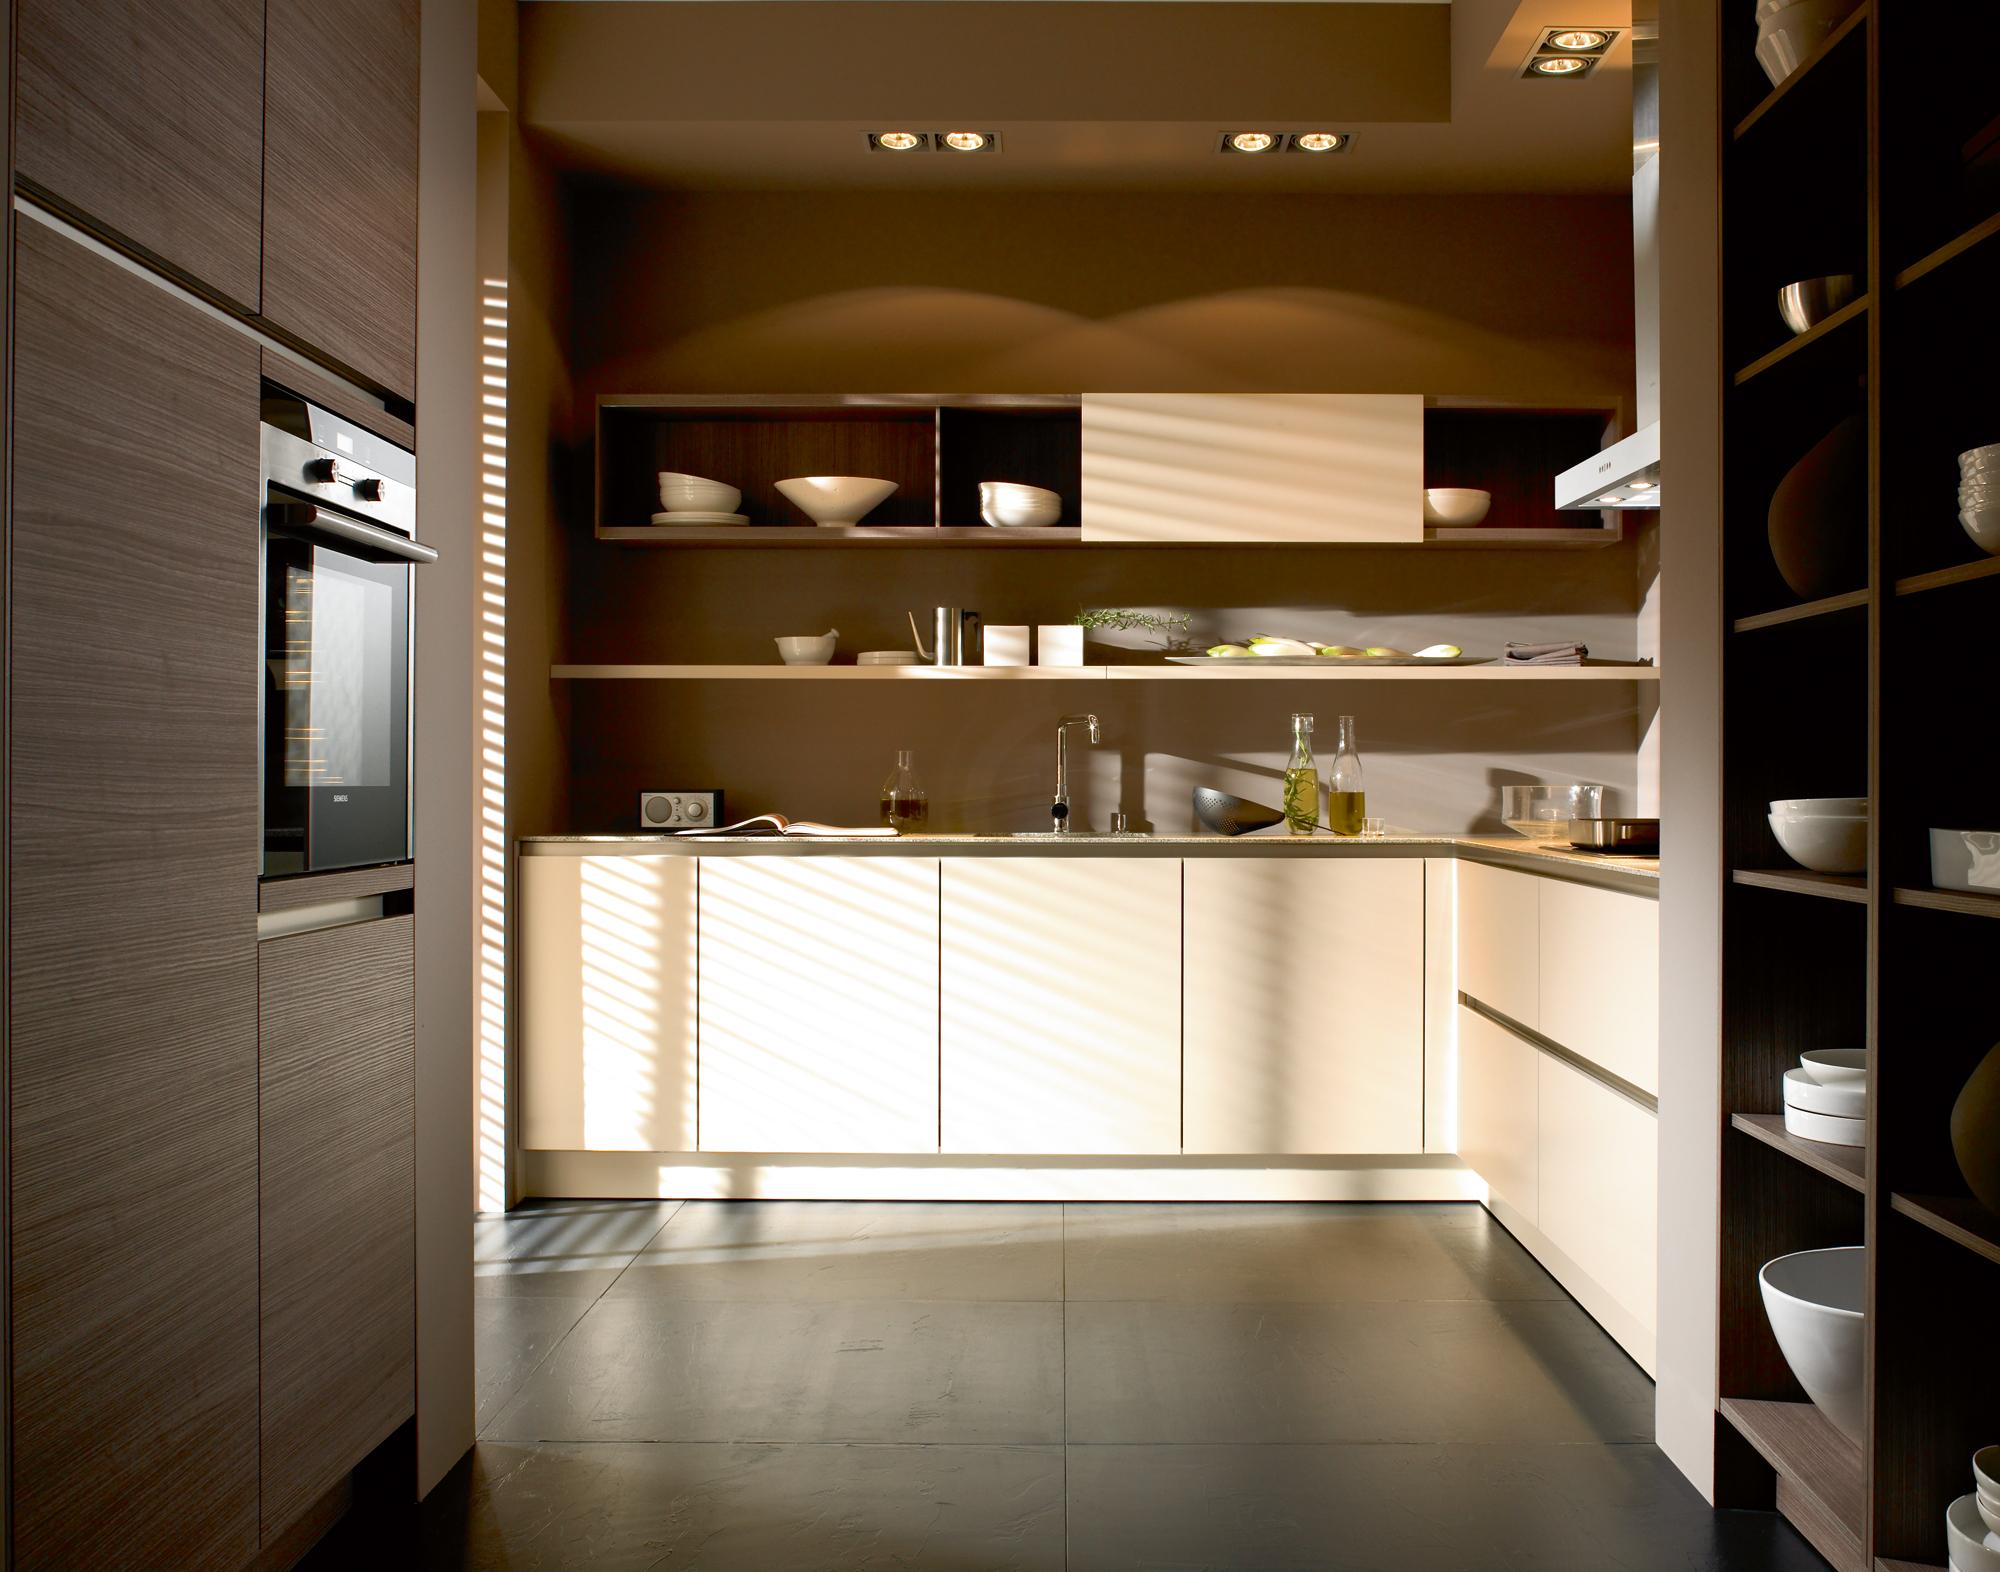 Keuken Zonder Bovenkast : De details maken de keuken – Voorlichtingsburo Wonen